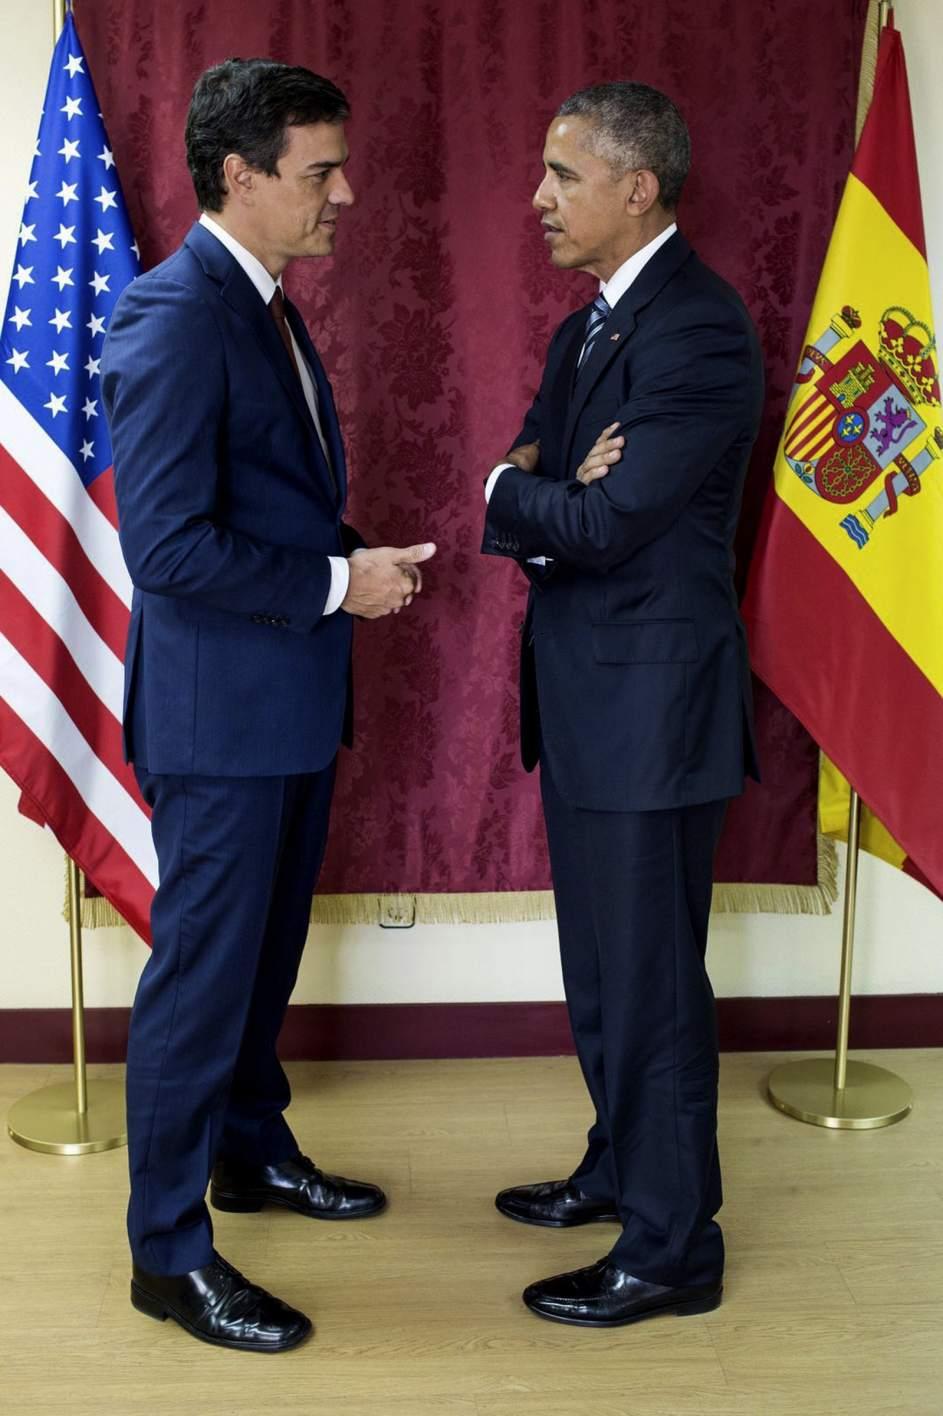 ¿Cuánto mide Pedro Sánchez? - Altura: 1,89 - Real height 314500-943-1416